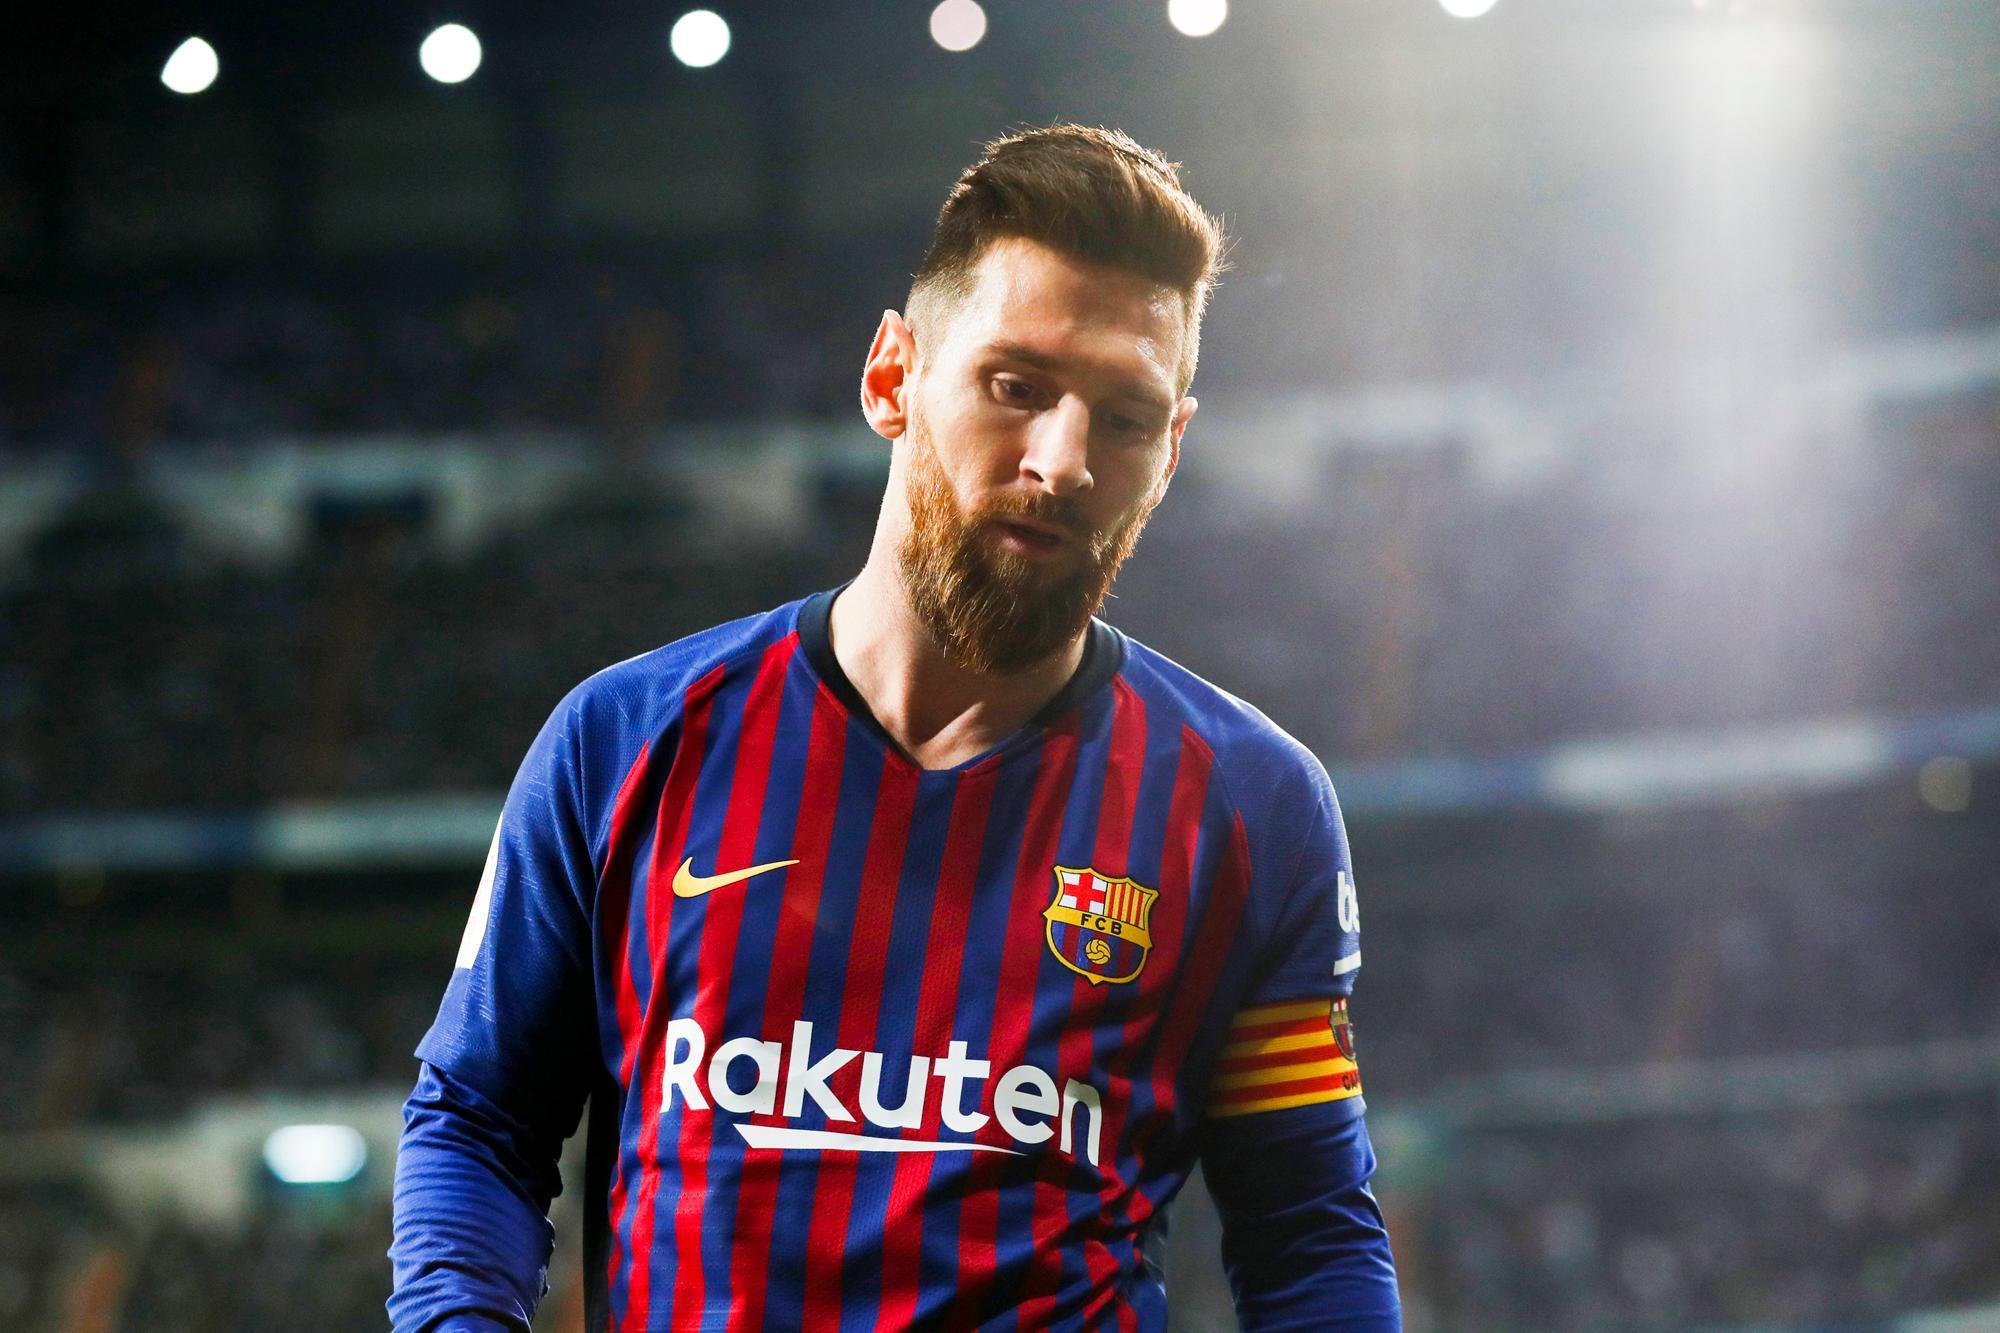 La noche en que Messi no pateó al arco